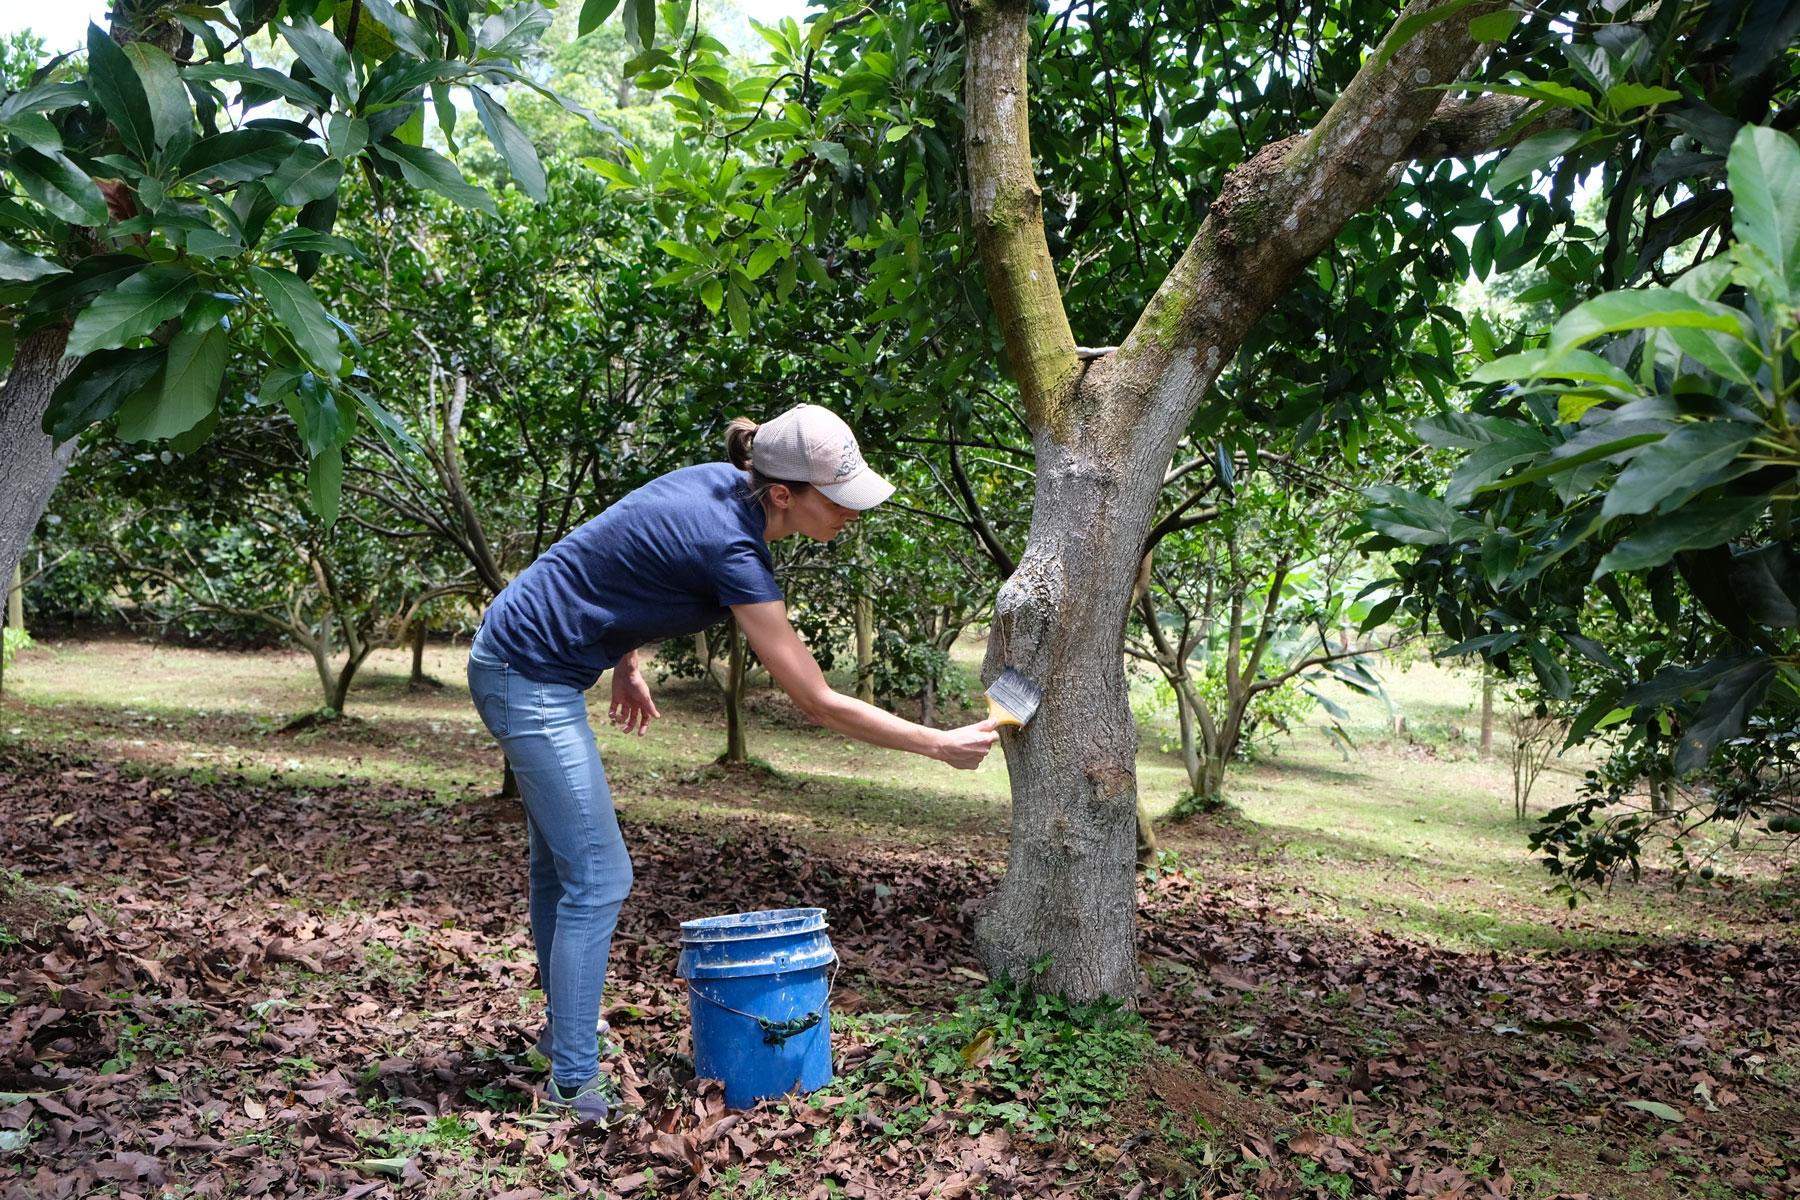 Leo bestreicht als Freiwillige einen Baum mit Kalkfarbe.